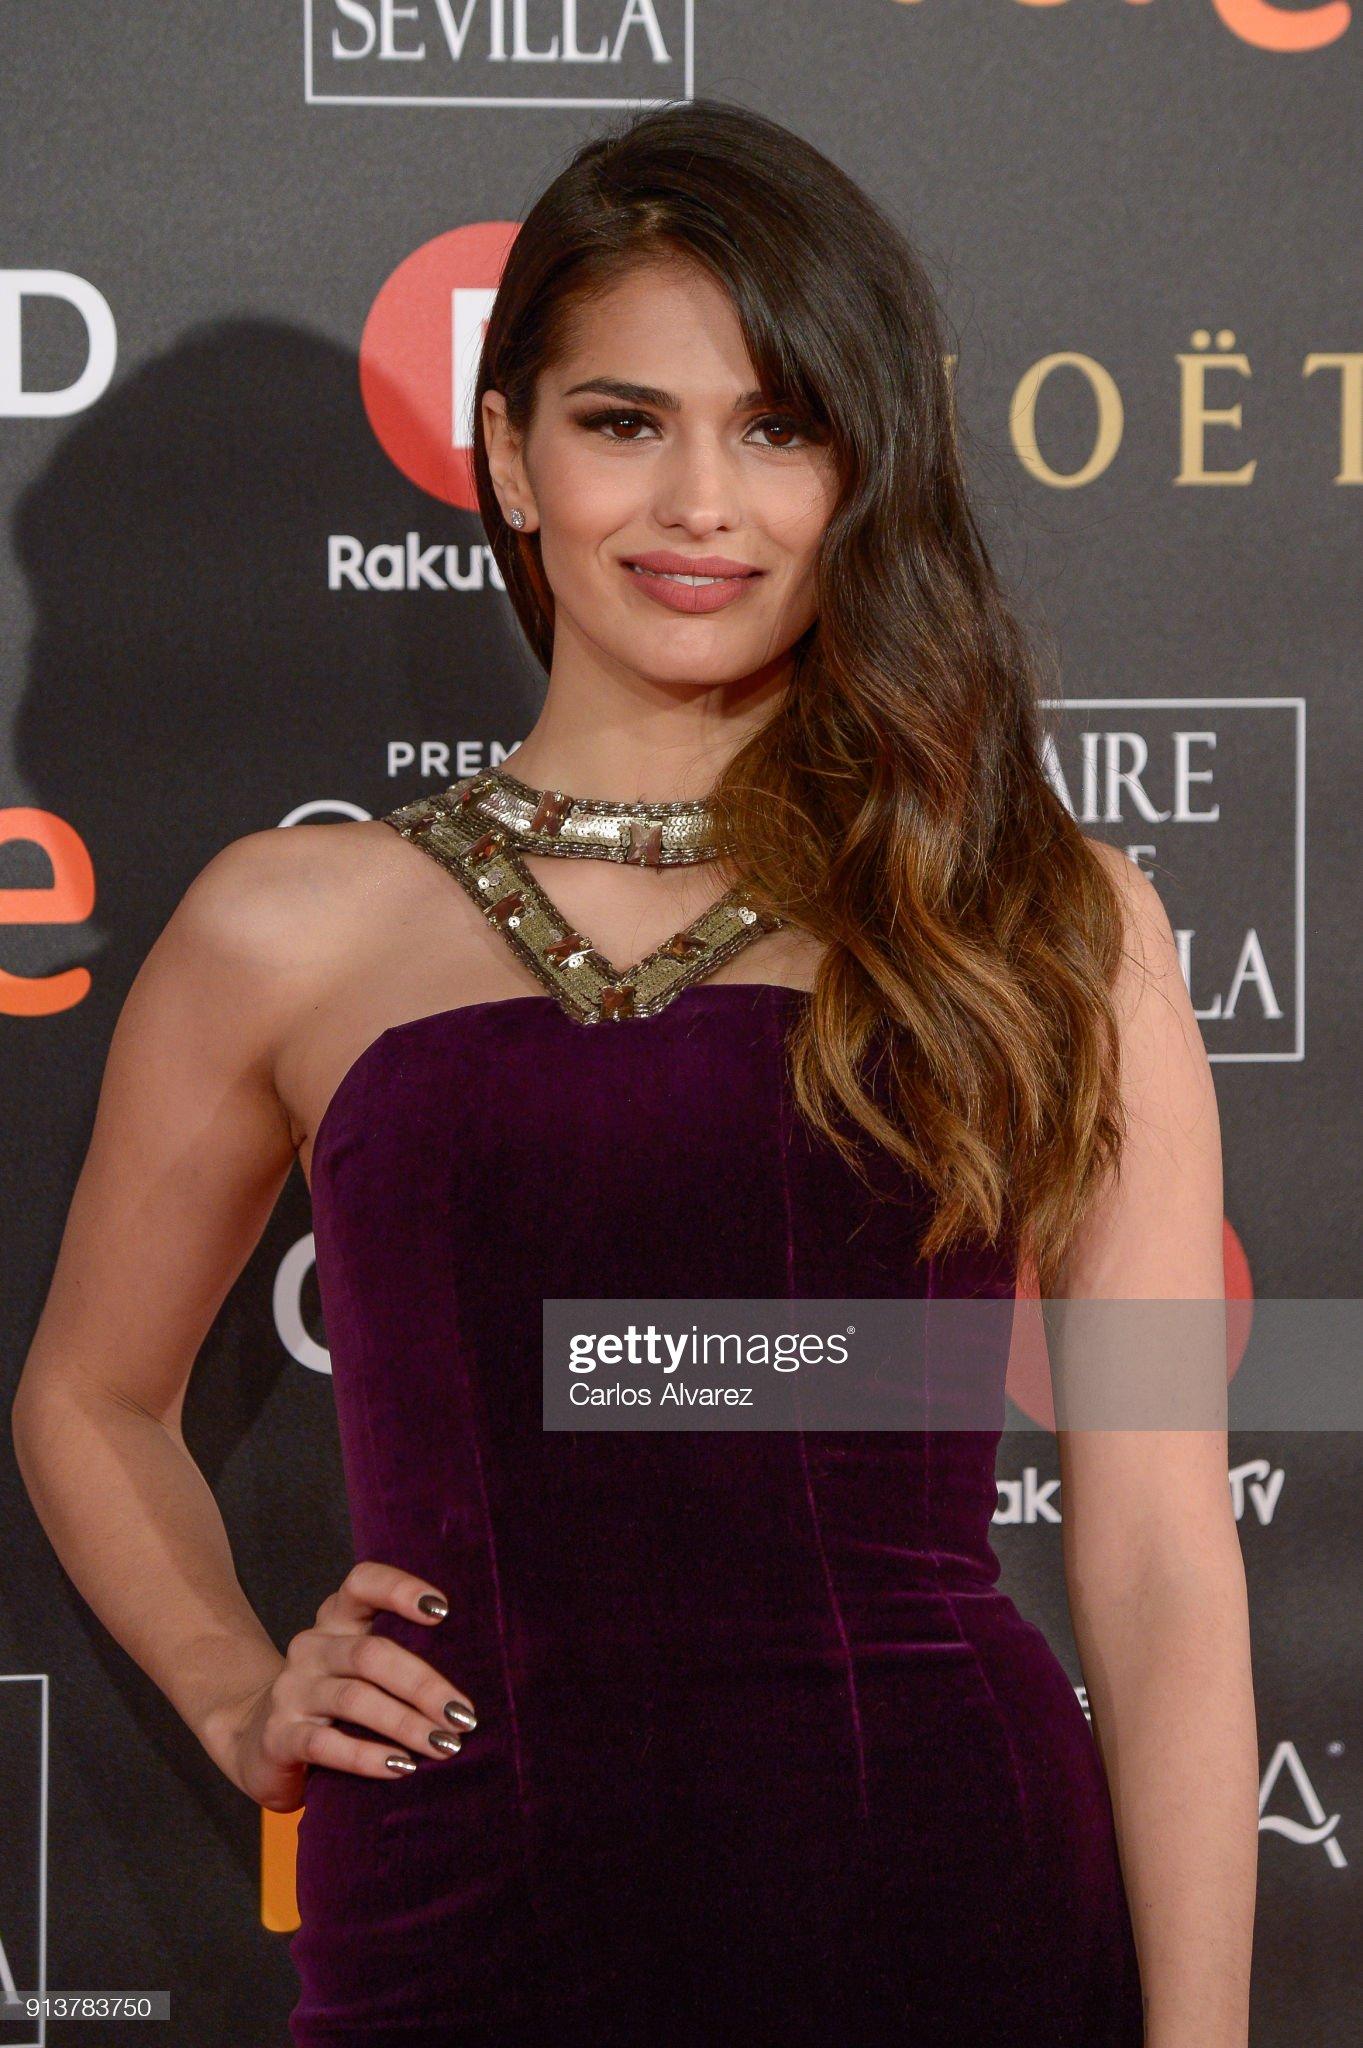 Las razas y etnias en el mundo - Página 5 Sara-salamo-attends-goya-cinema-awards-2018-at-madrid-marriott-on-3-picture-id913783750?s=2048x2048